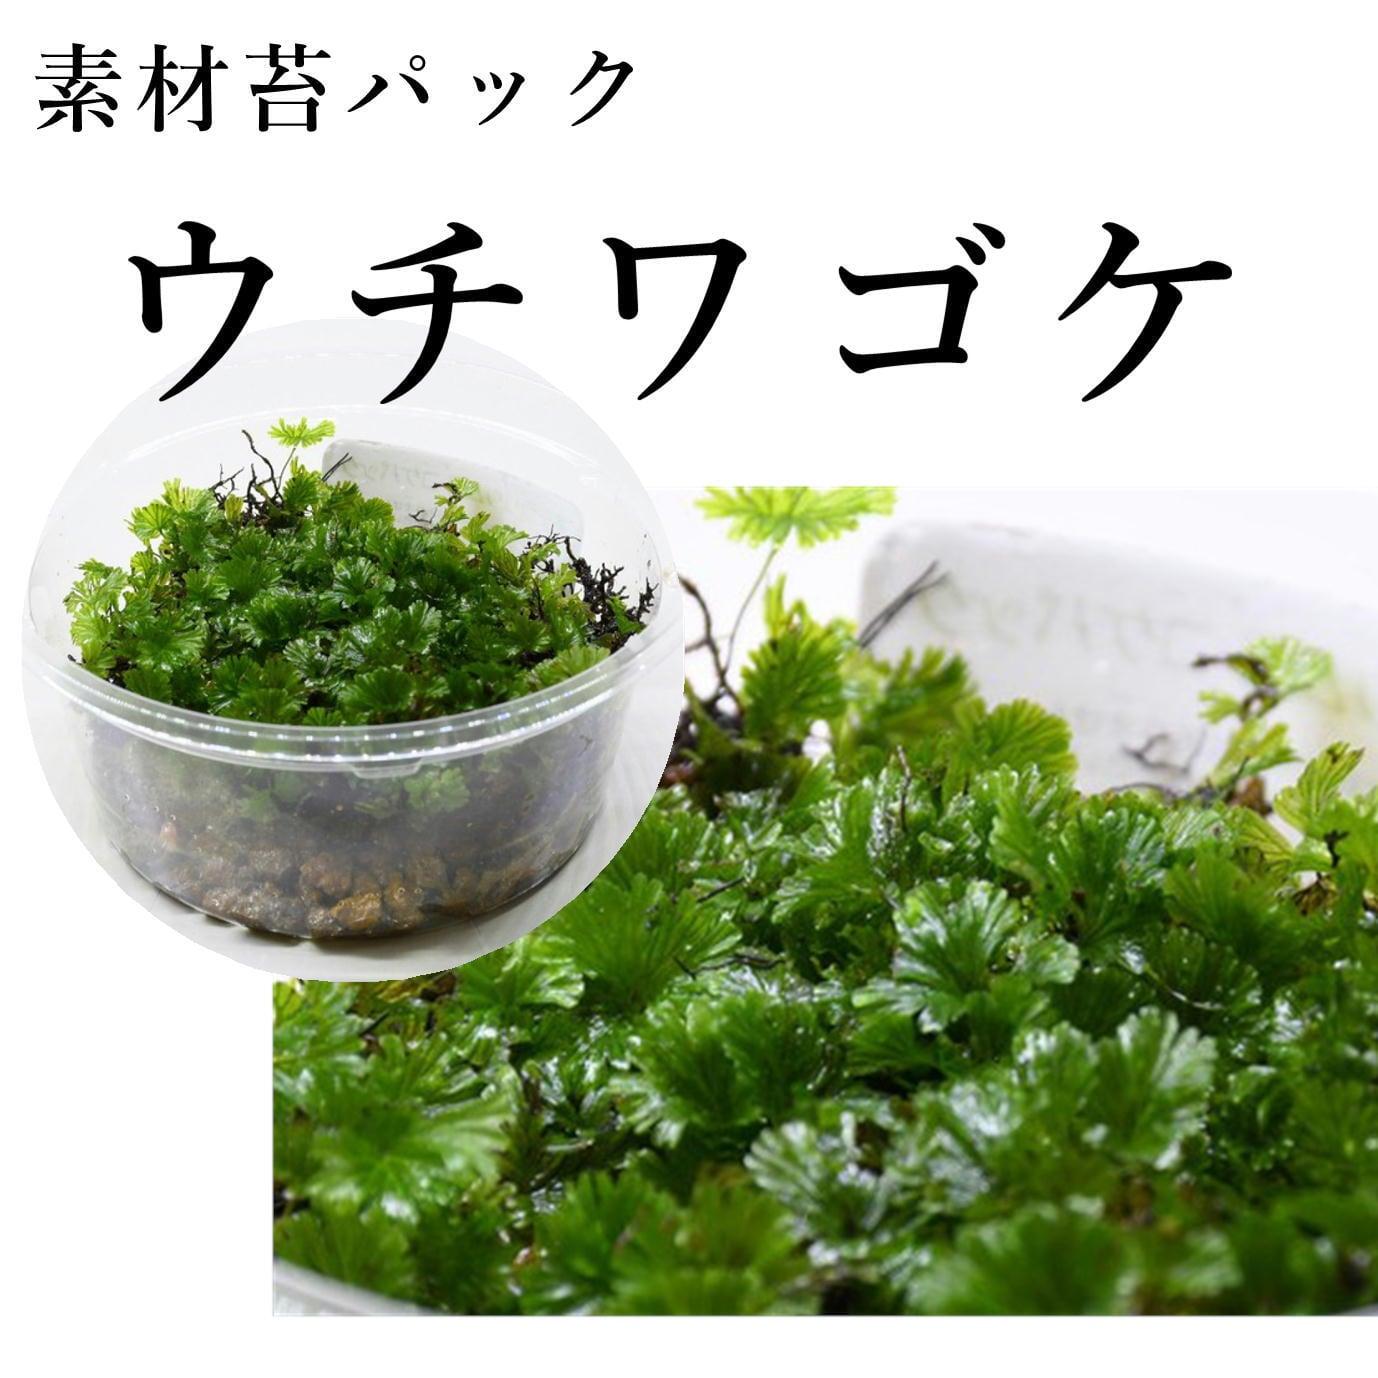 ウチワゴケ(シダ植物) 苔テラリウム作製用素材